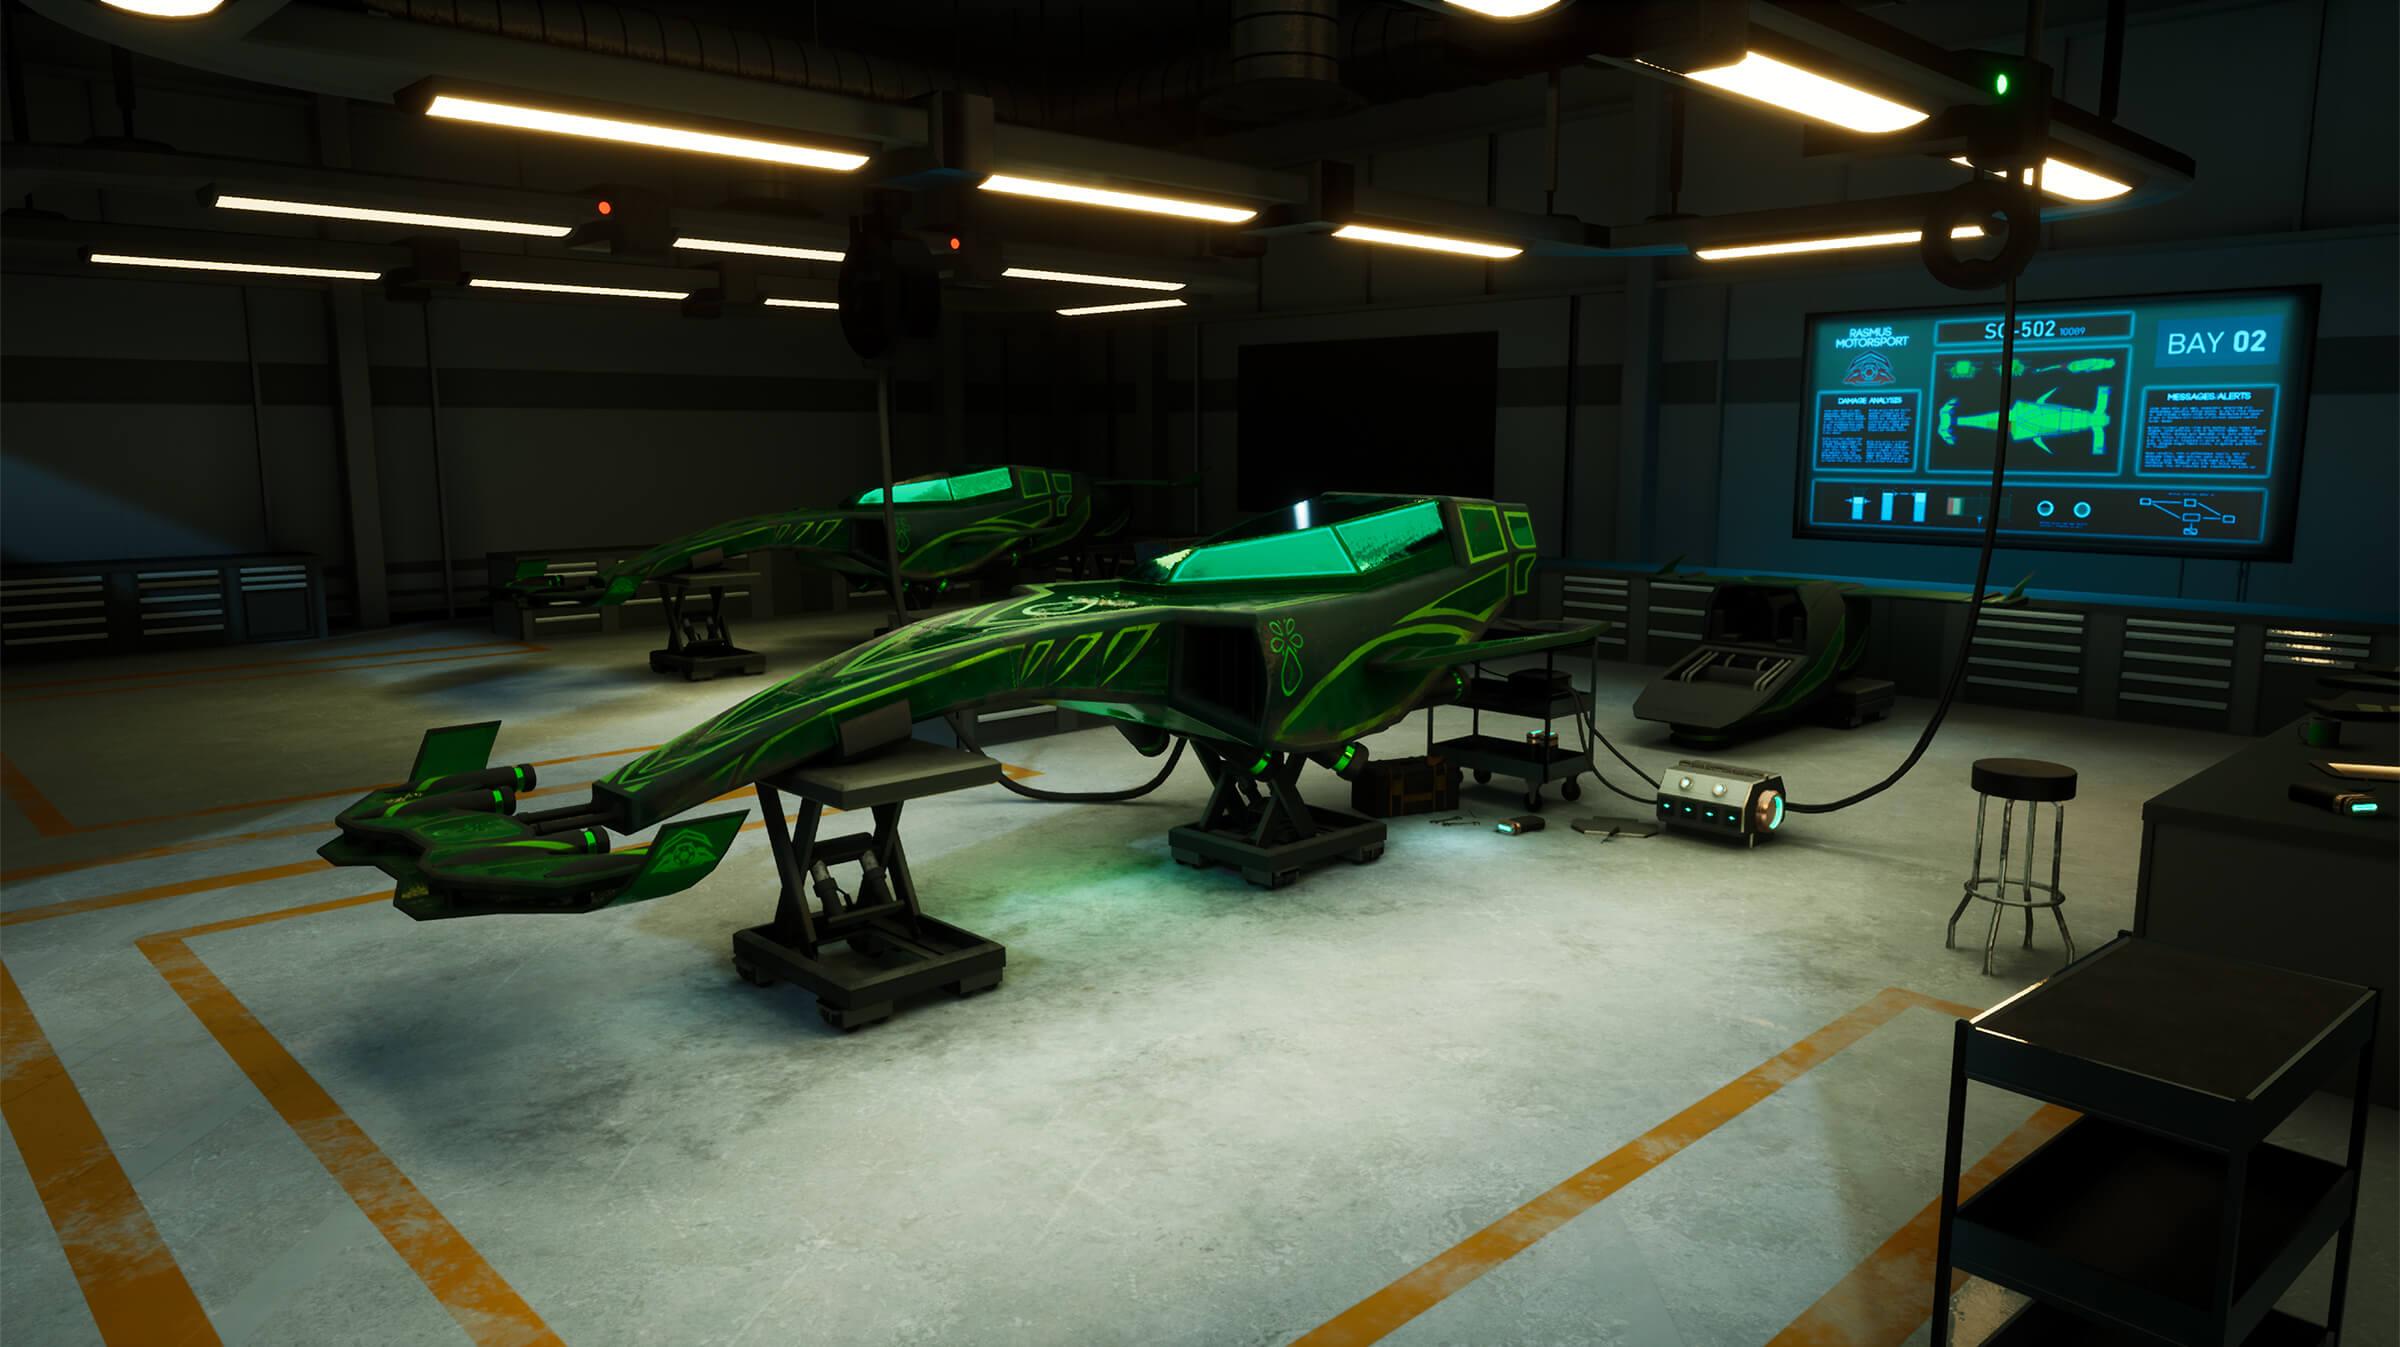 A sleek race car on blocks in a garage